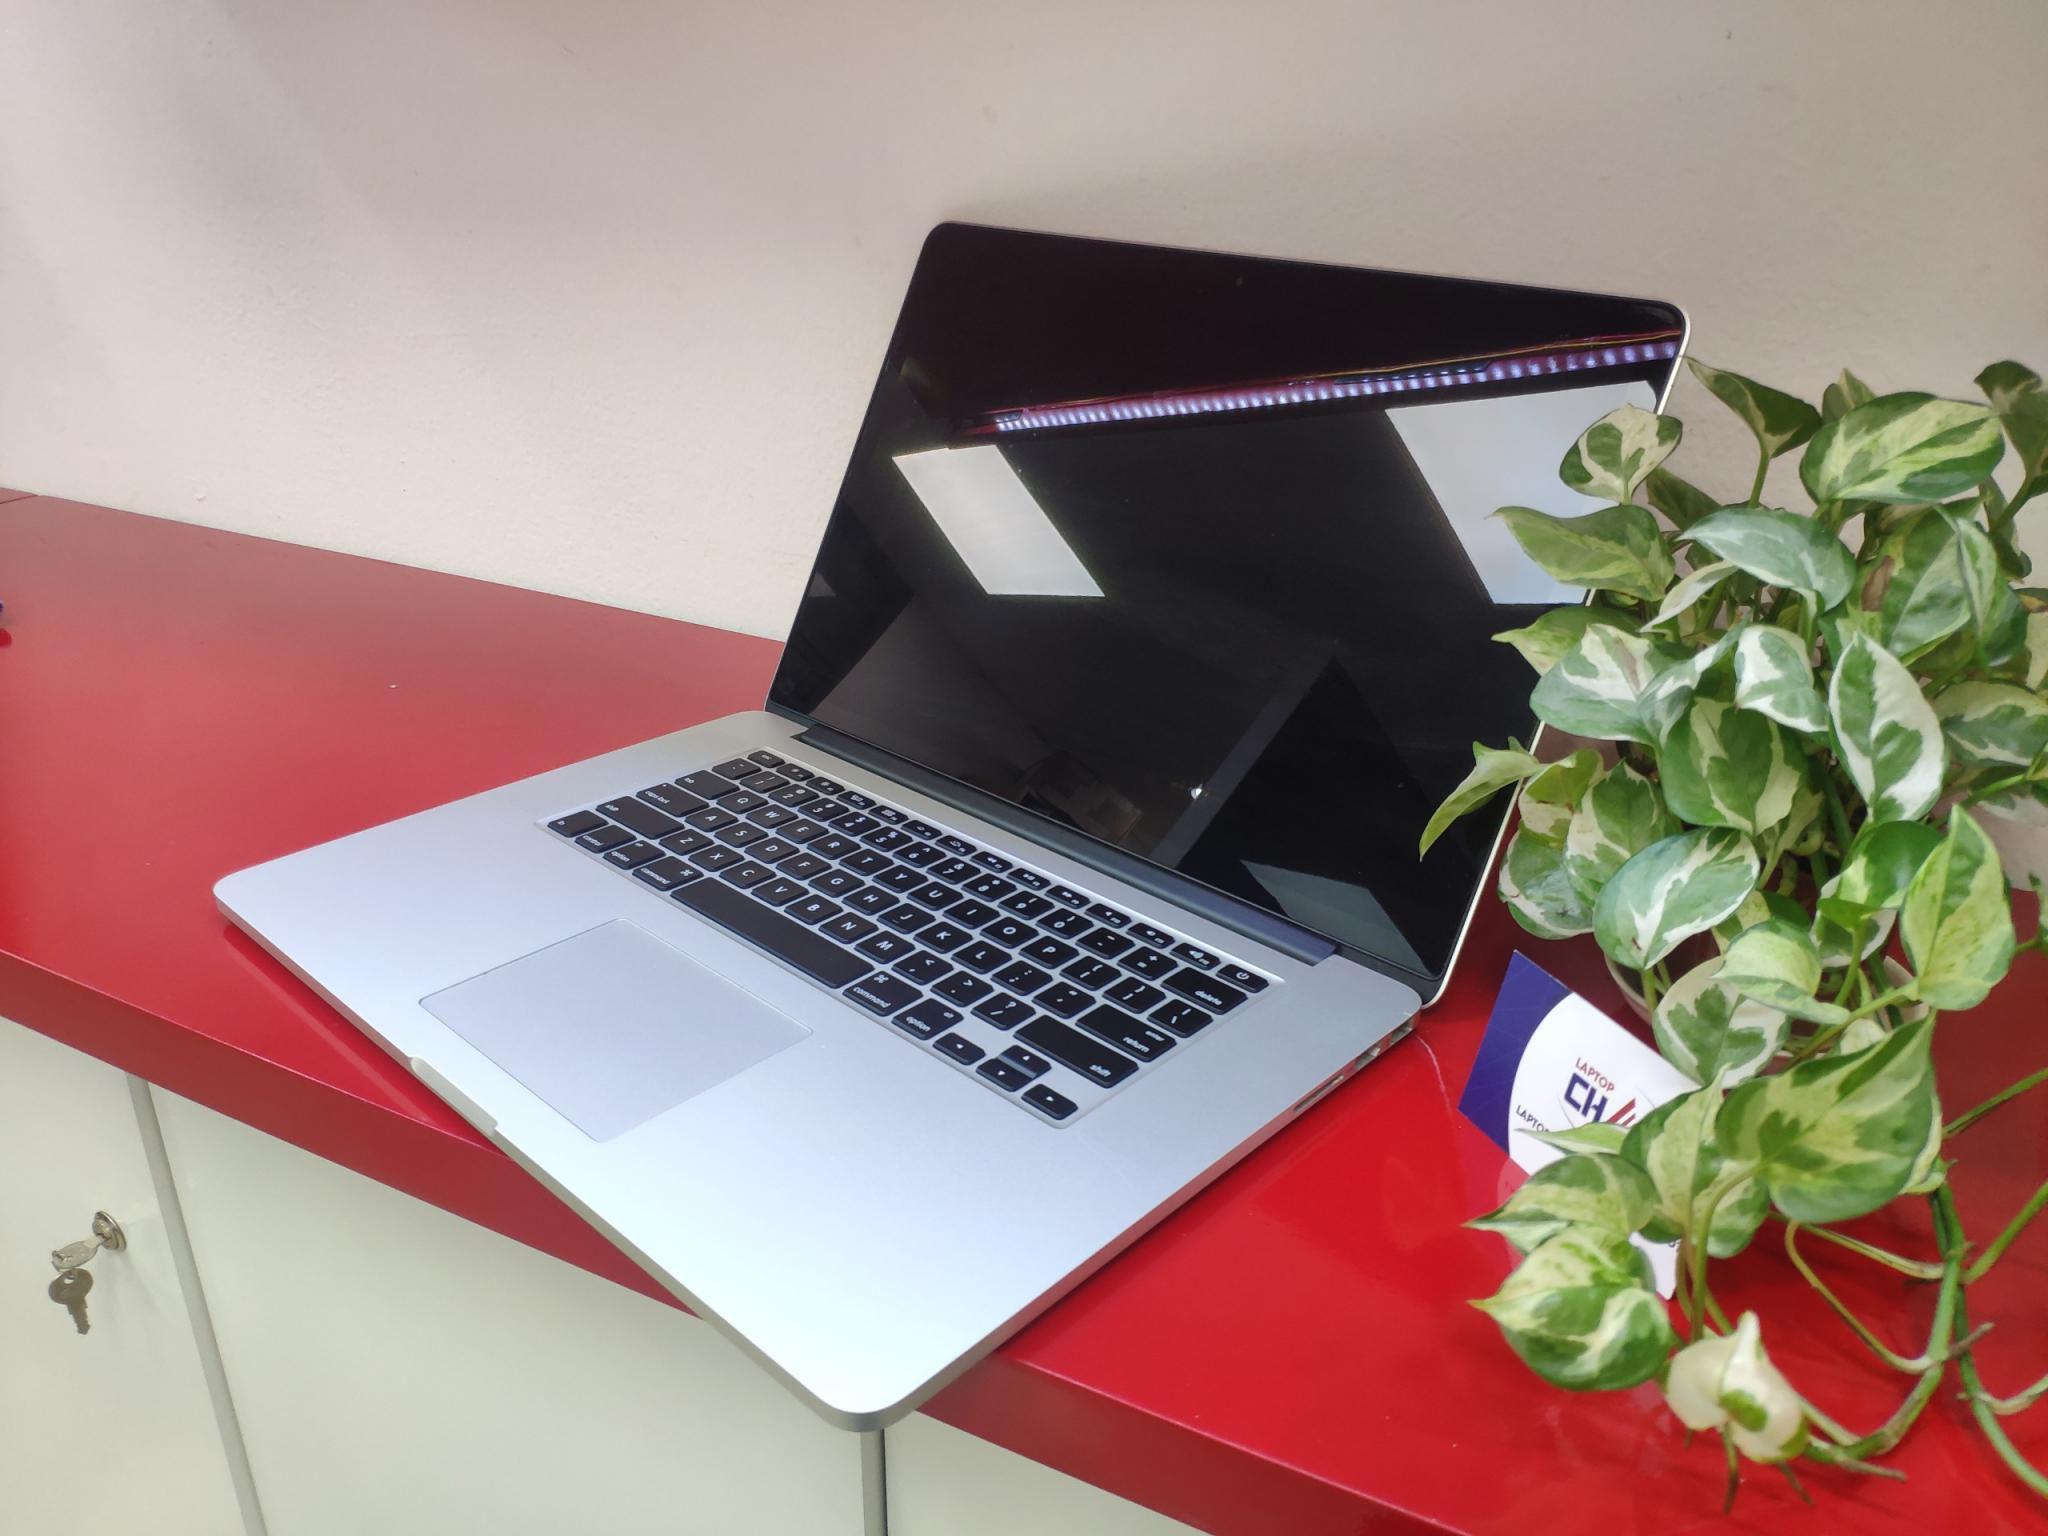 Macbook Pro Retina 15'' -2015 - MJLQ2 - Quad I7 16GB 256GB SSD